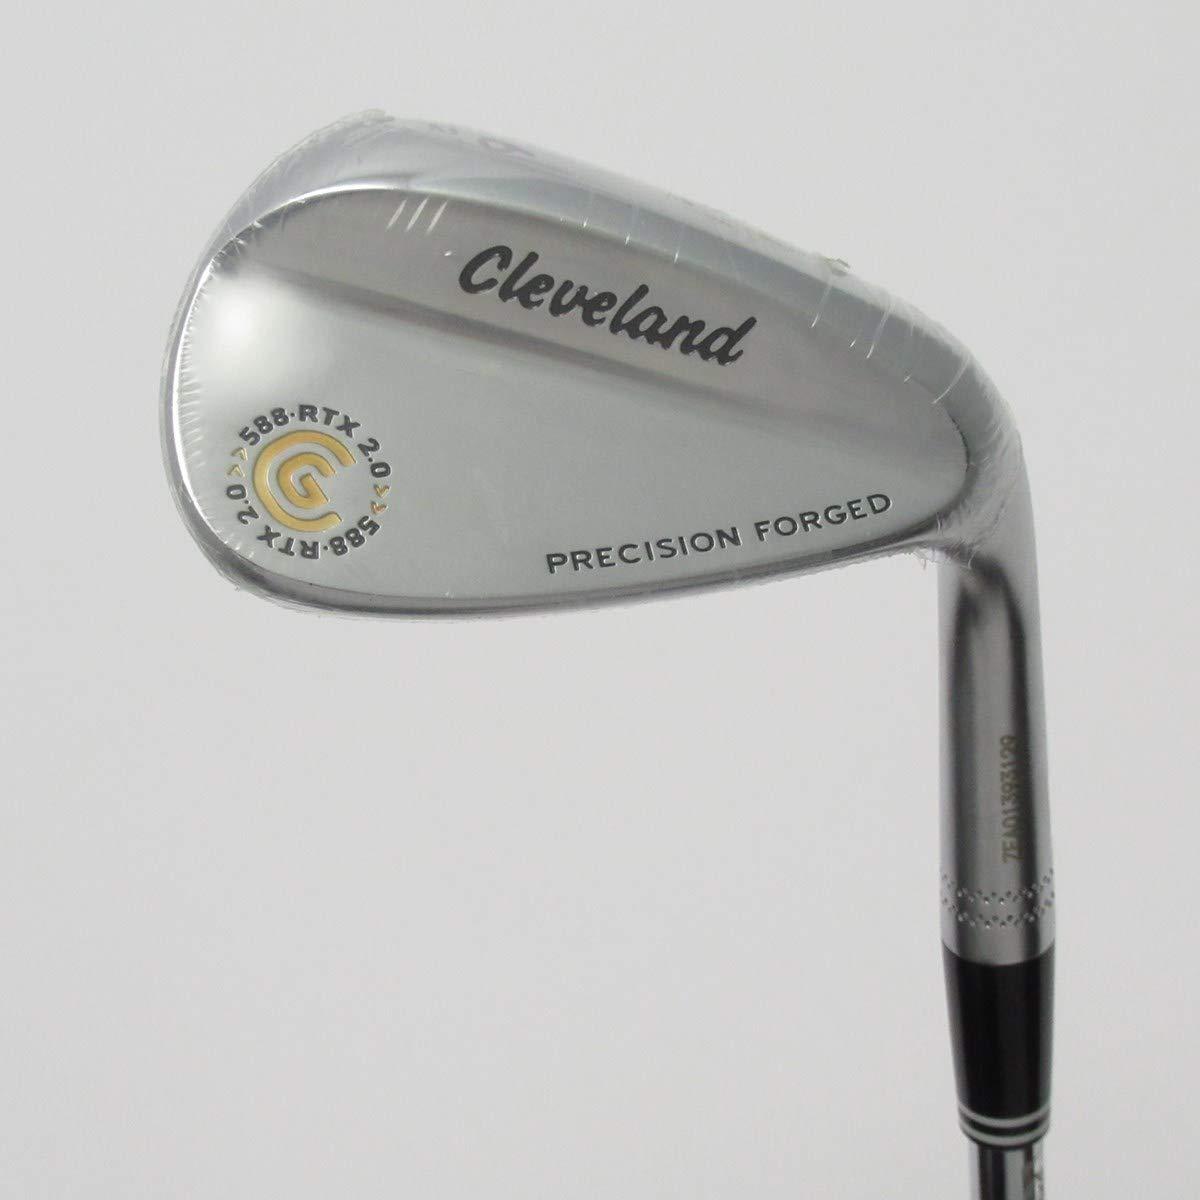 【中古】クリーブランド Cleveland Golf 588 RTX 2.0 PRECISION FORGED ウェッジ N.S.PRO 950GH 【56-12】 B07PM784PP  /S